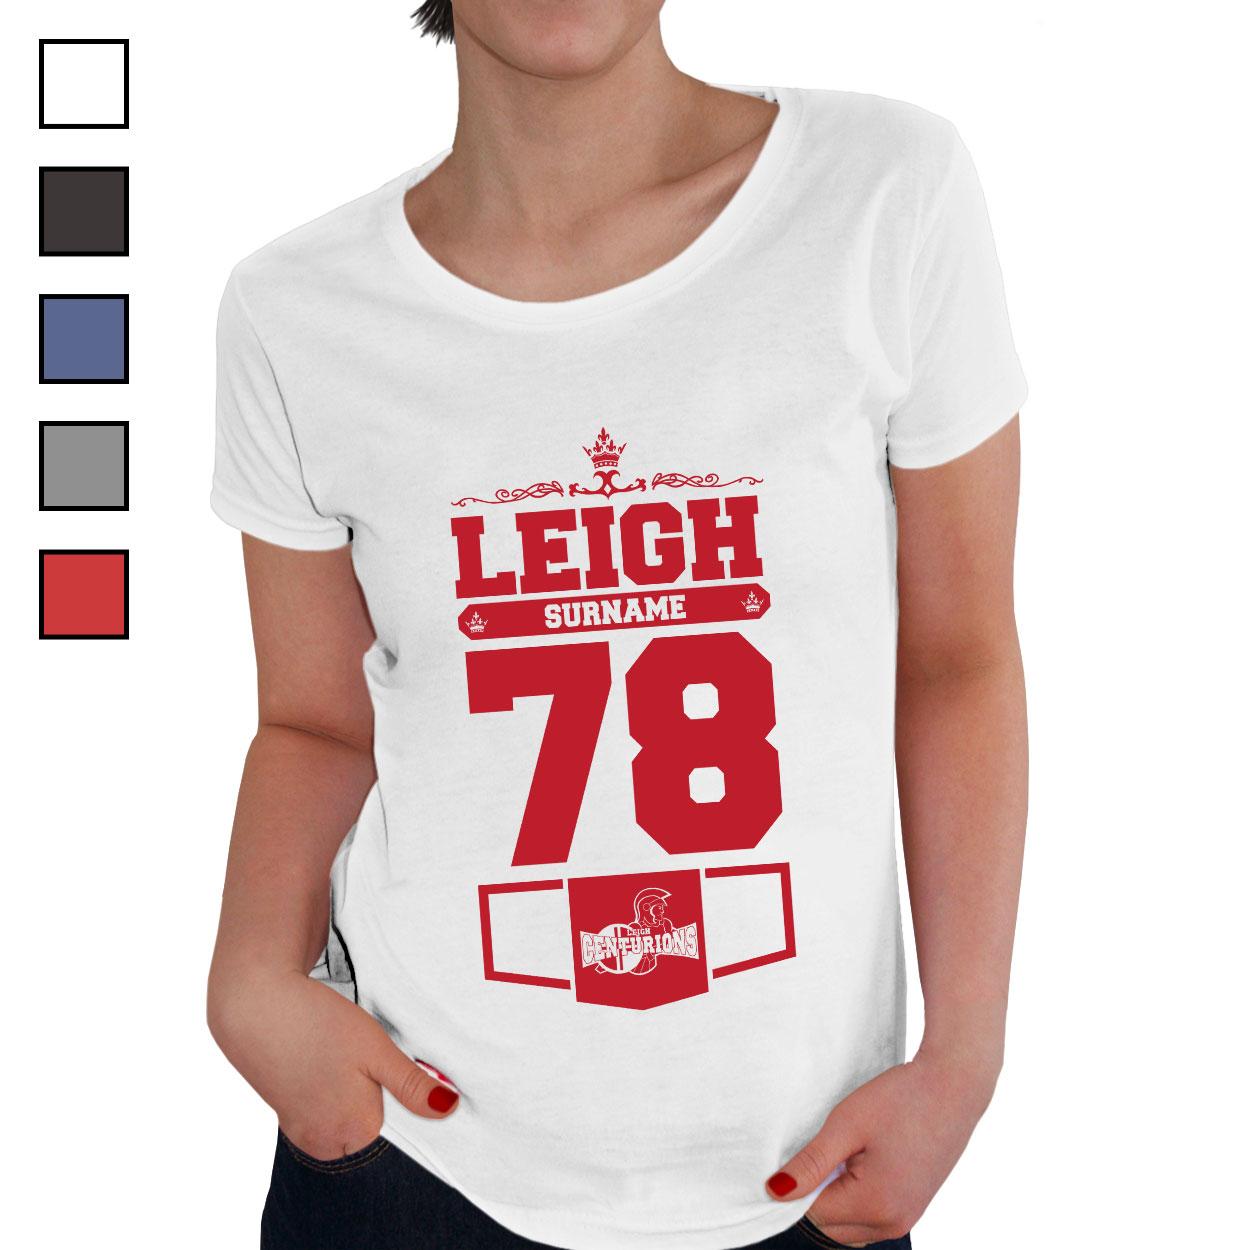 Leigh Centurions Ladies Club T-Shirt